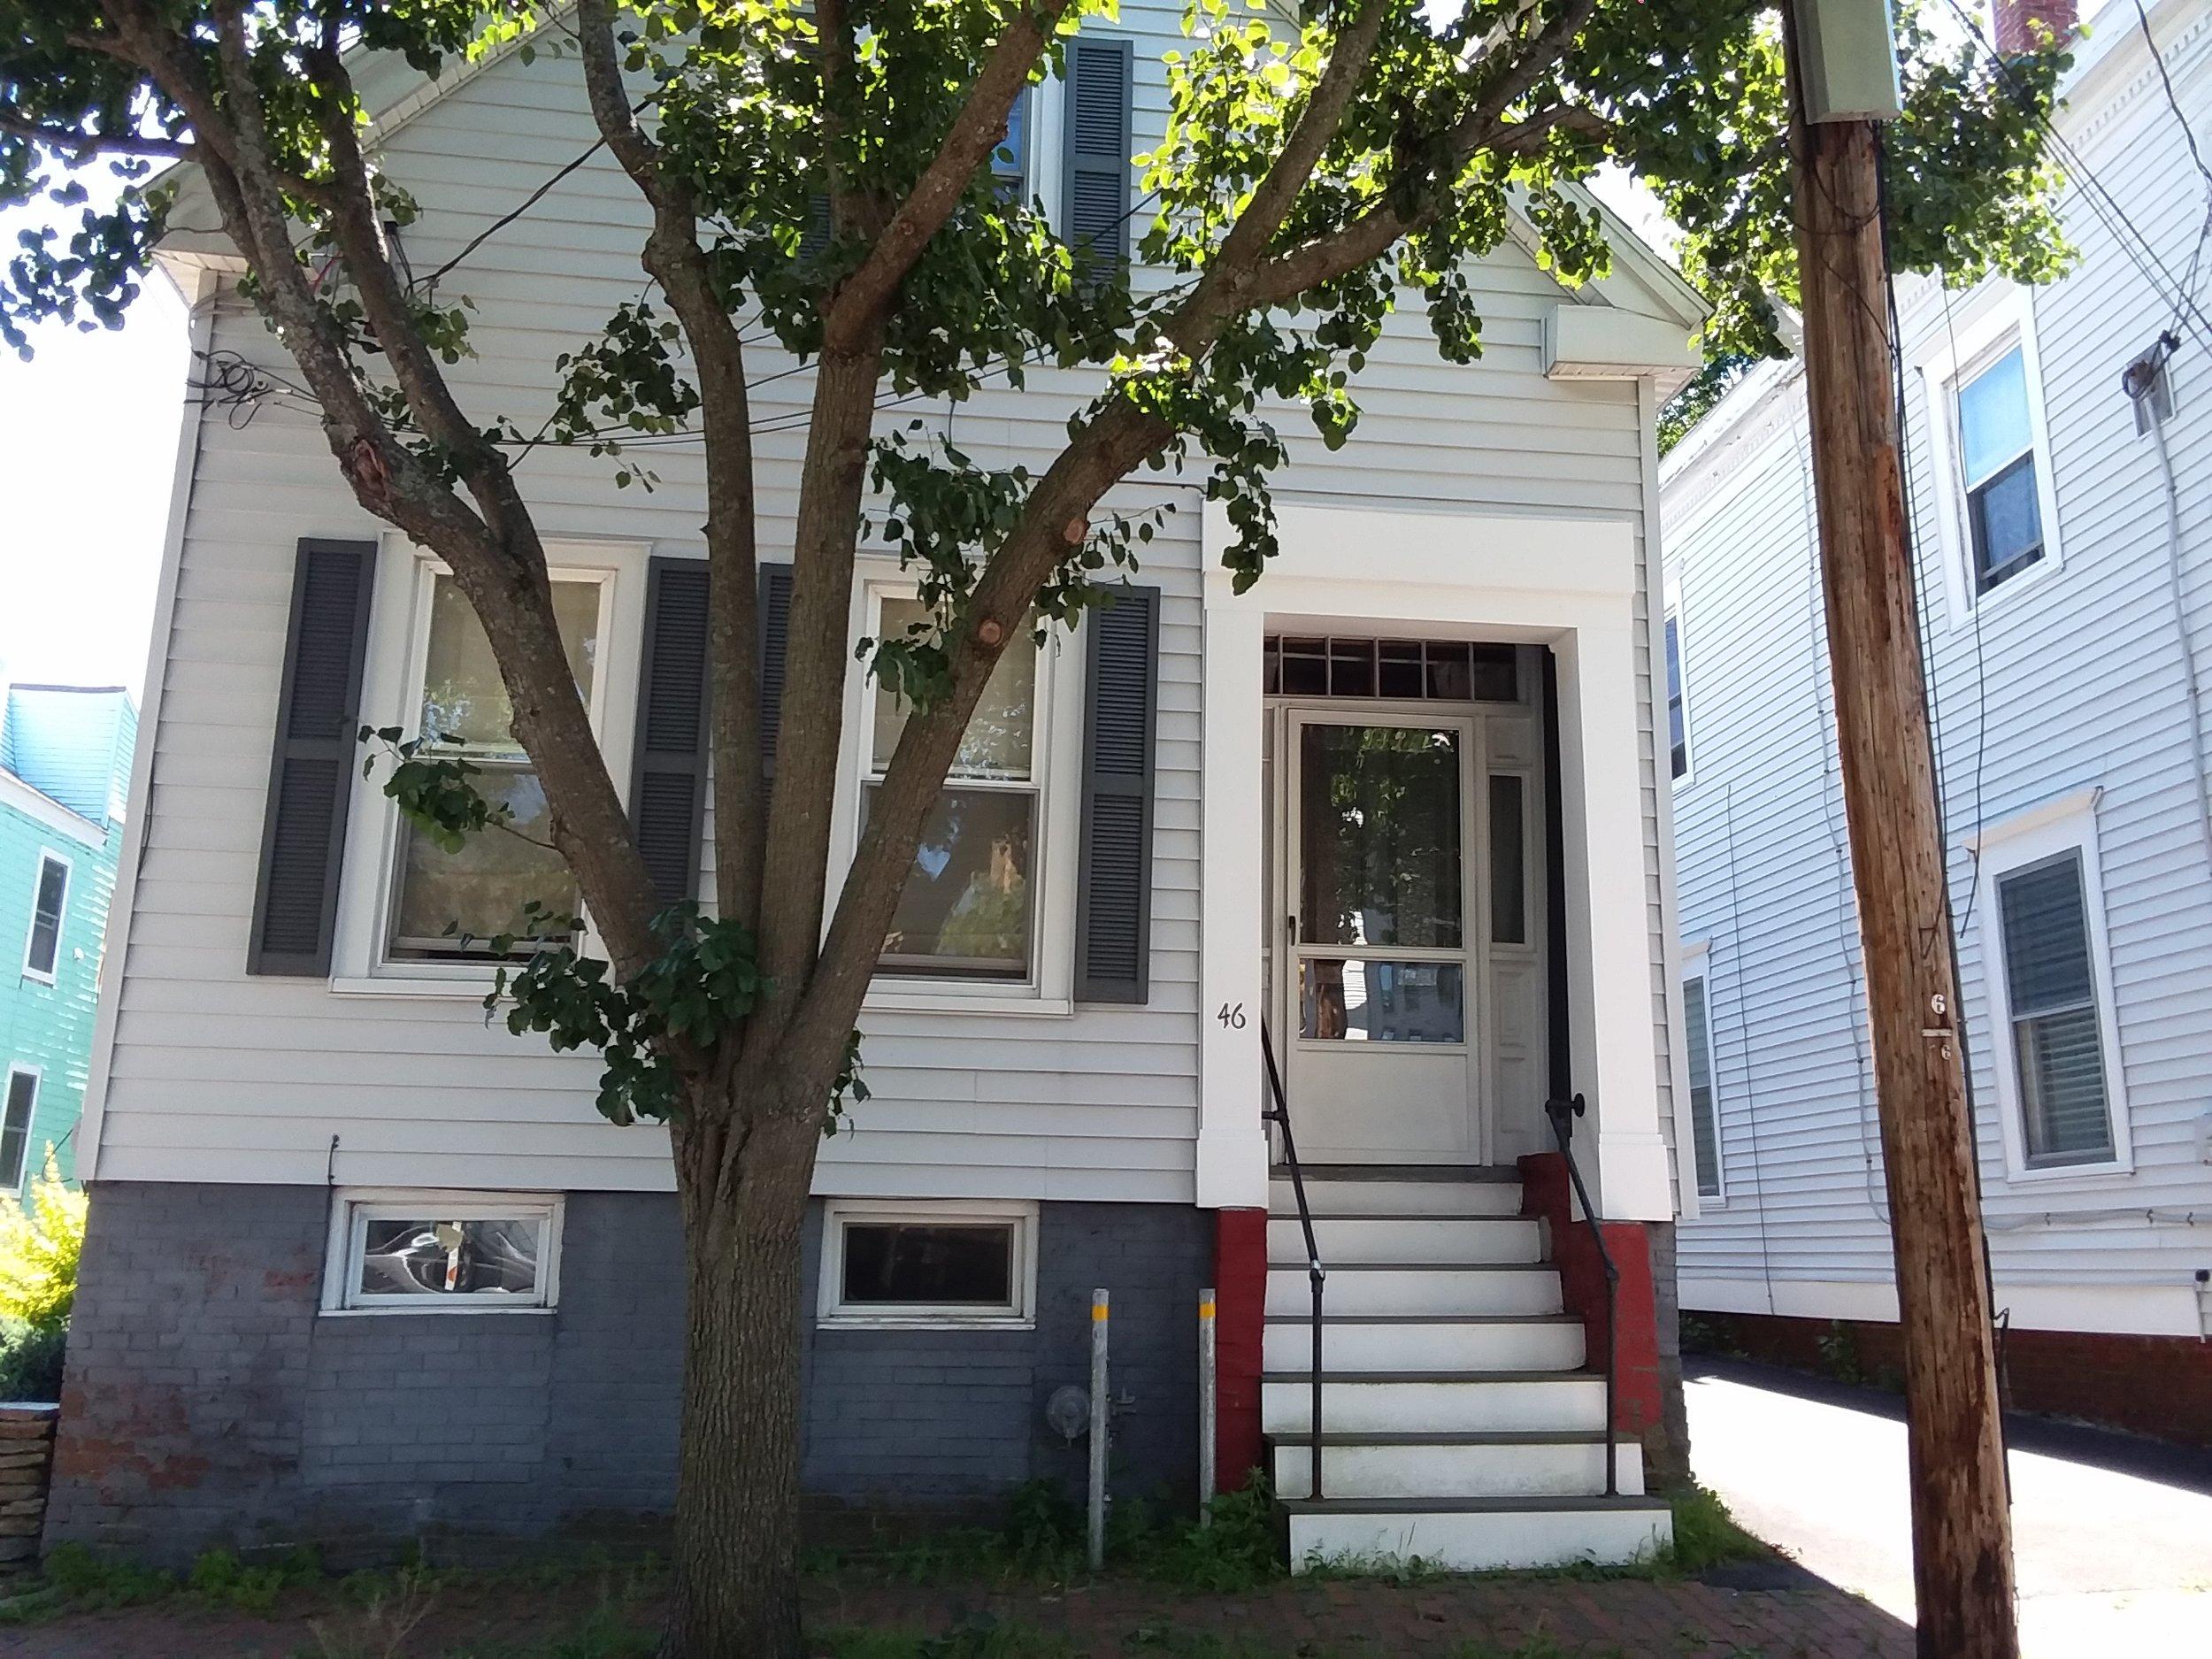 46 Lafayette Street